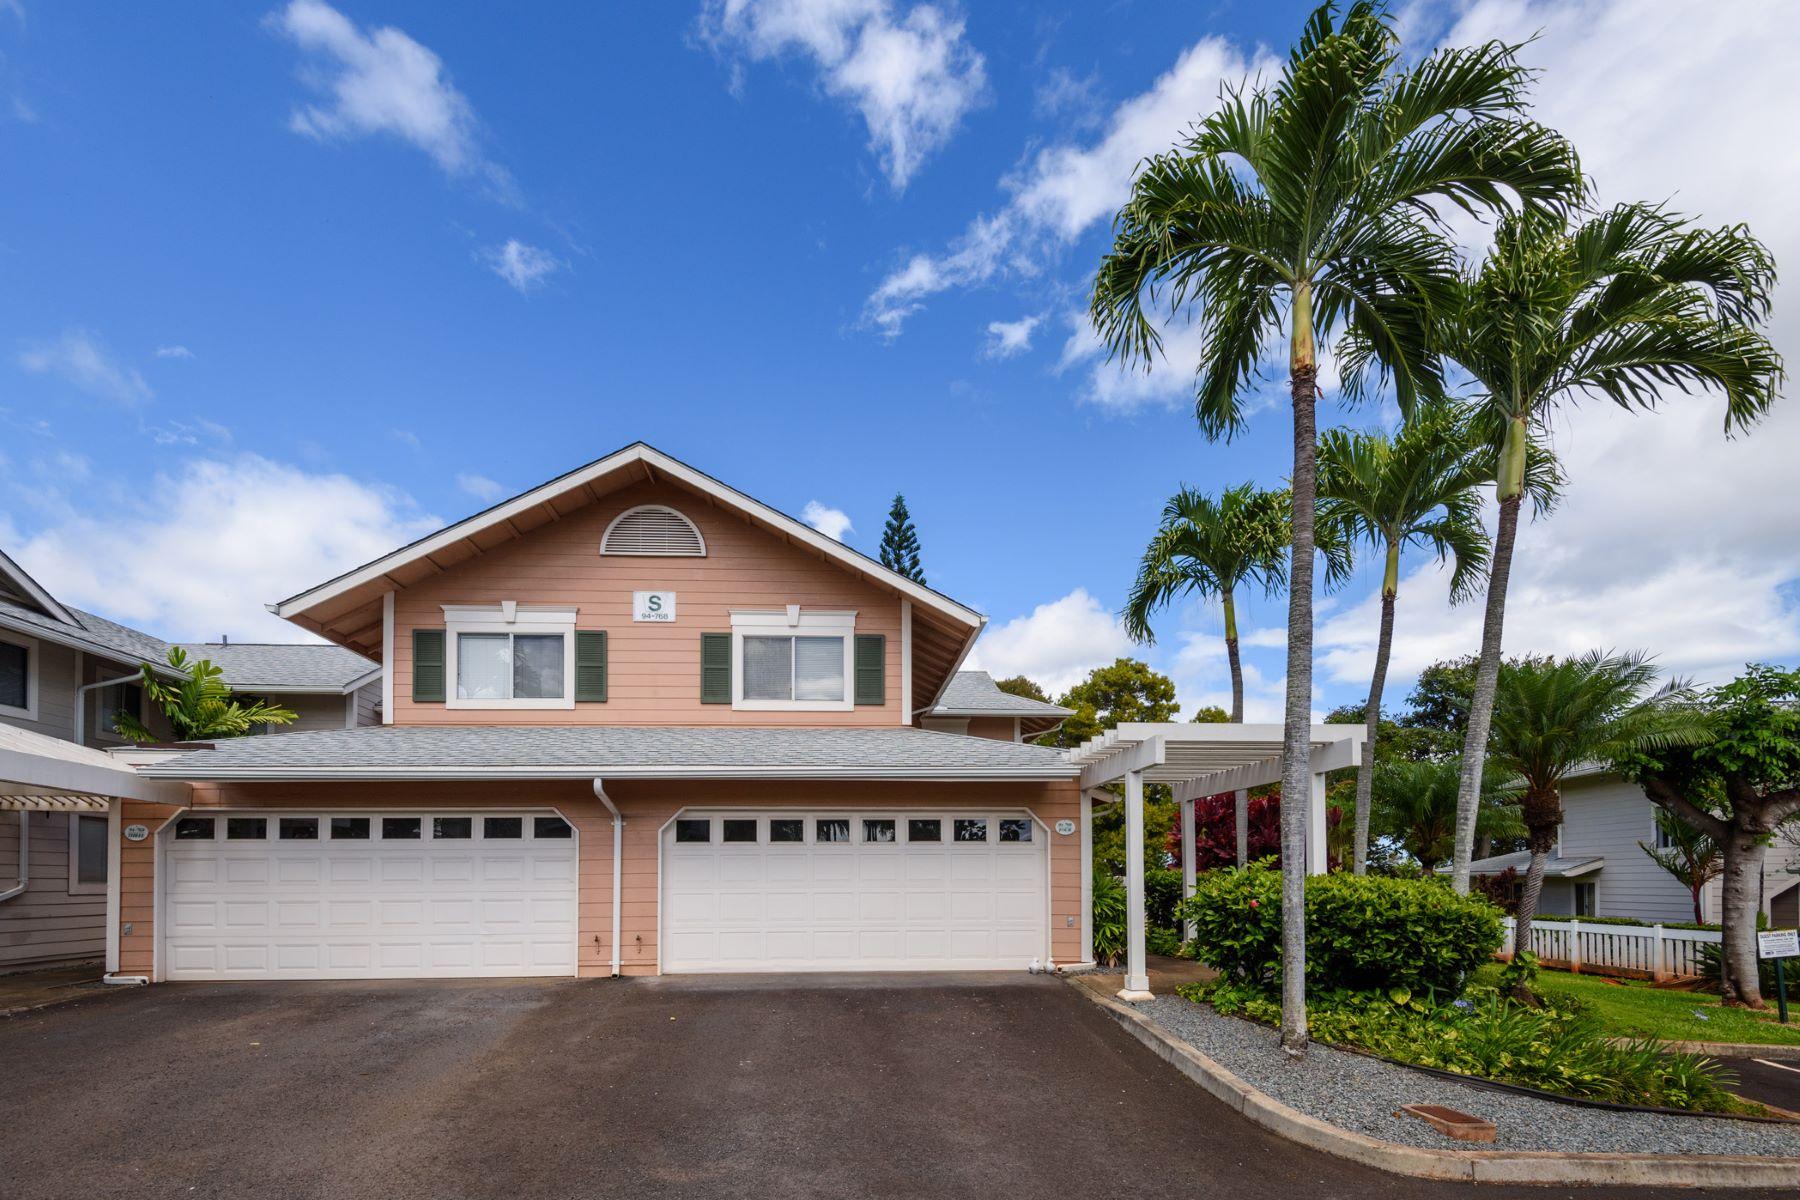 Moradia em banda para Venda às Exceptional Sanctuary 94-768 Lumiauau St #S4 Waikele, Waipahu, Havaí, 96797 Estados Unidos